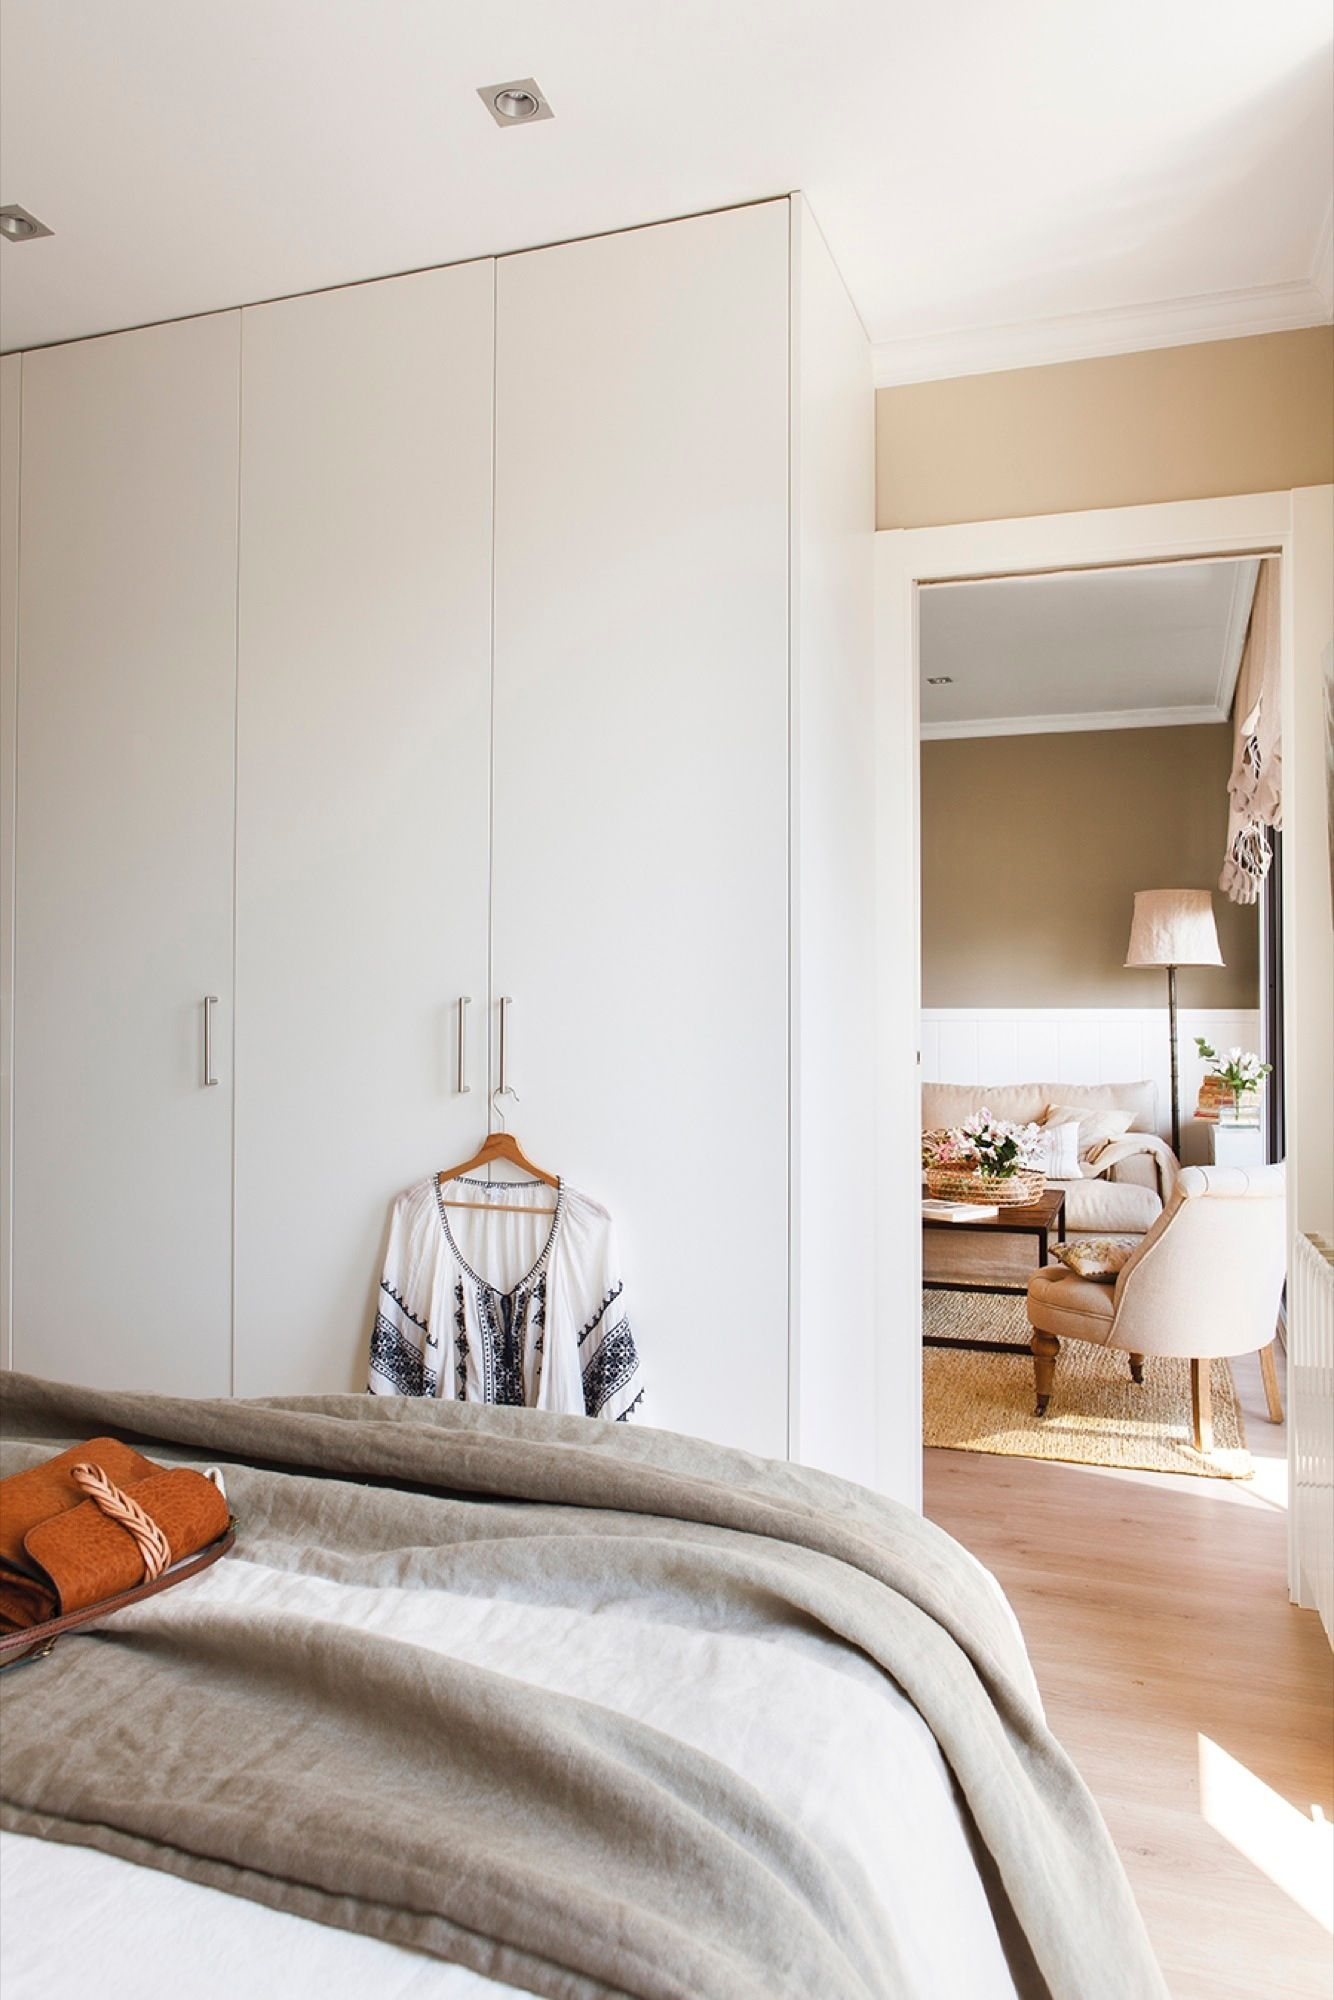 Bedtime Muebles - Ideas Para Reutilizar Muebles De Una Lectora Bedtime Pinterest [mjhdah]https://s-media-cache-ak0.pinimg.com/originals/ca/da/4a/cada4a8cb702bc9507b6d0617a4b101f.jpg